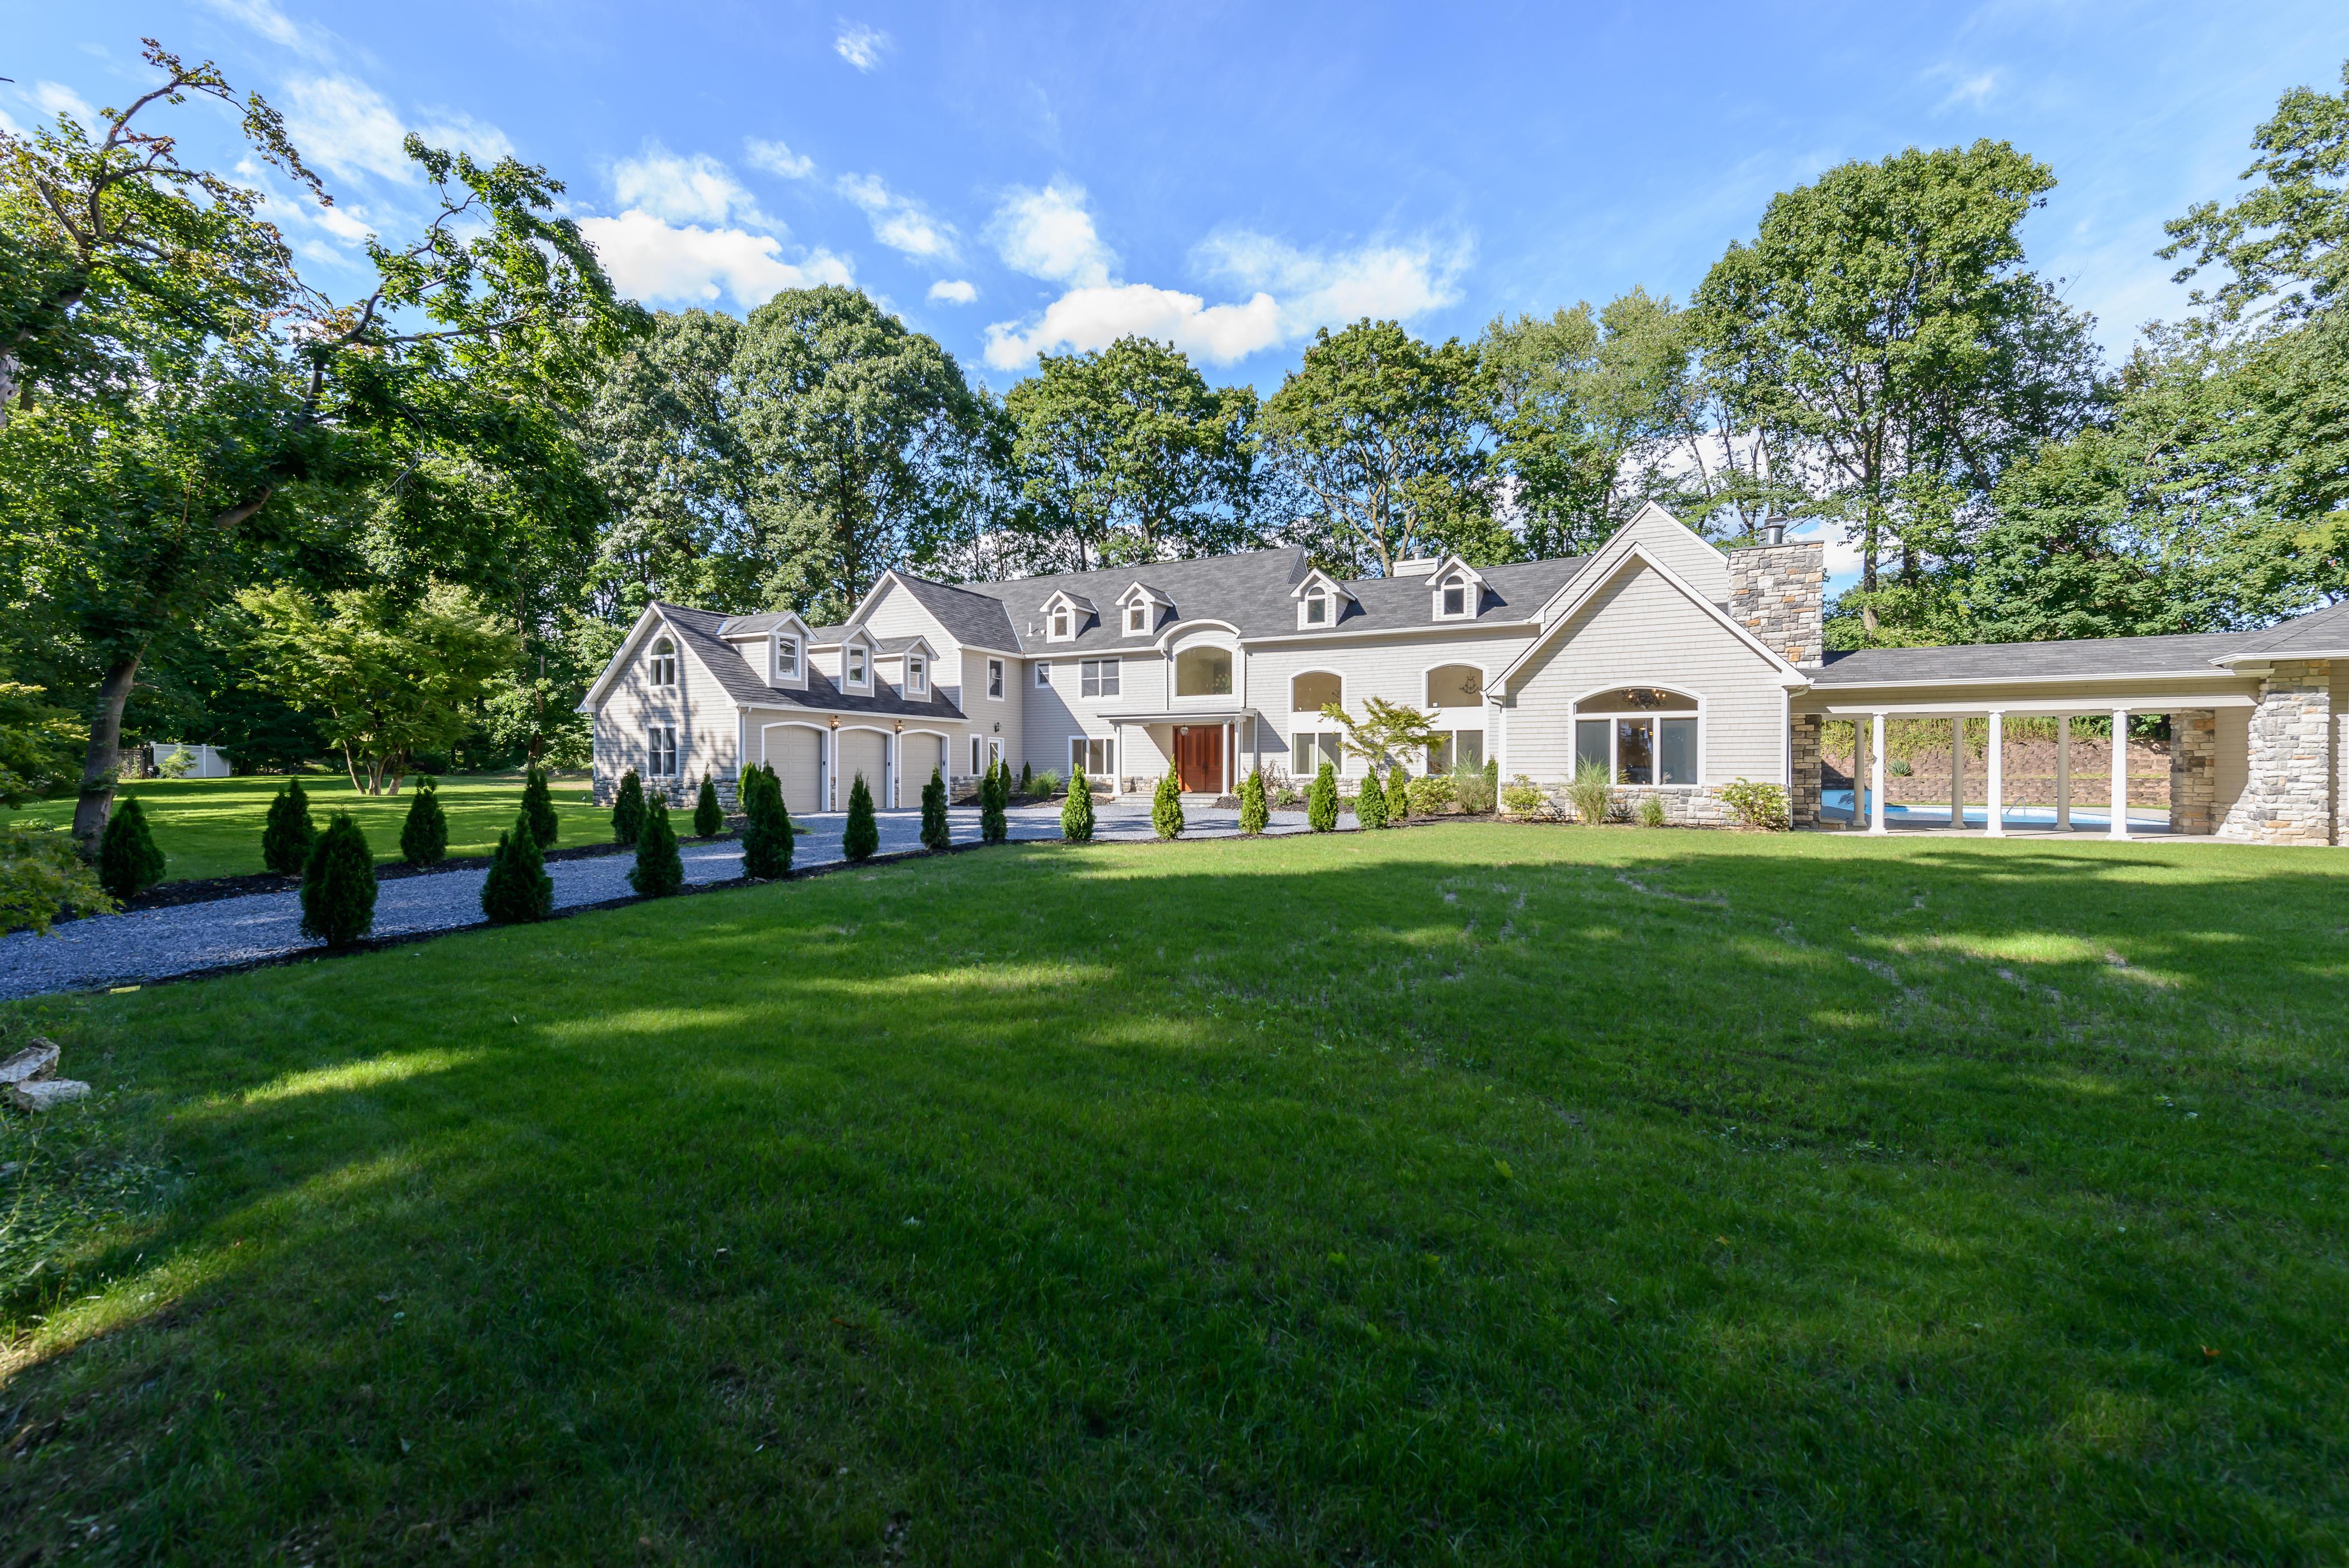 Villa per Vendita alle ore Colonial 27 Cow Neck Rd Sands Point, New York 11050 Stati Uniti